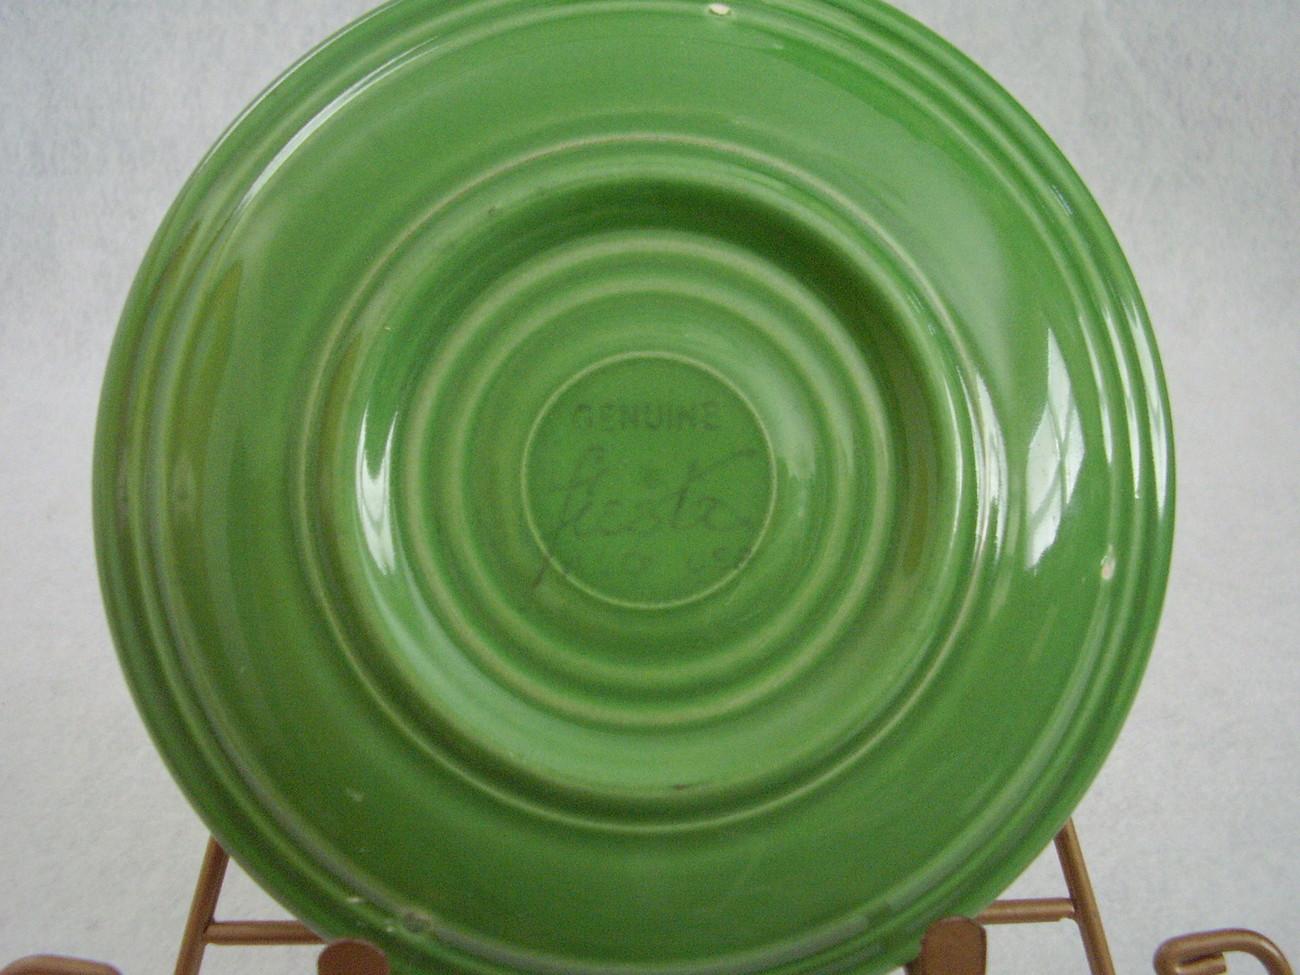 Vintage Fiestaware Medium Green Teacup Saucer Fiesta